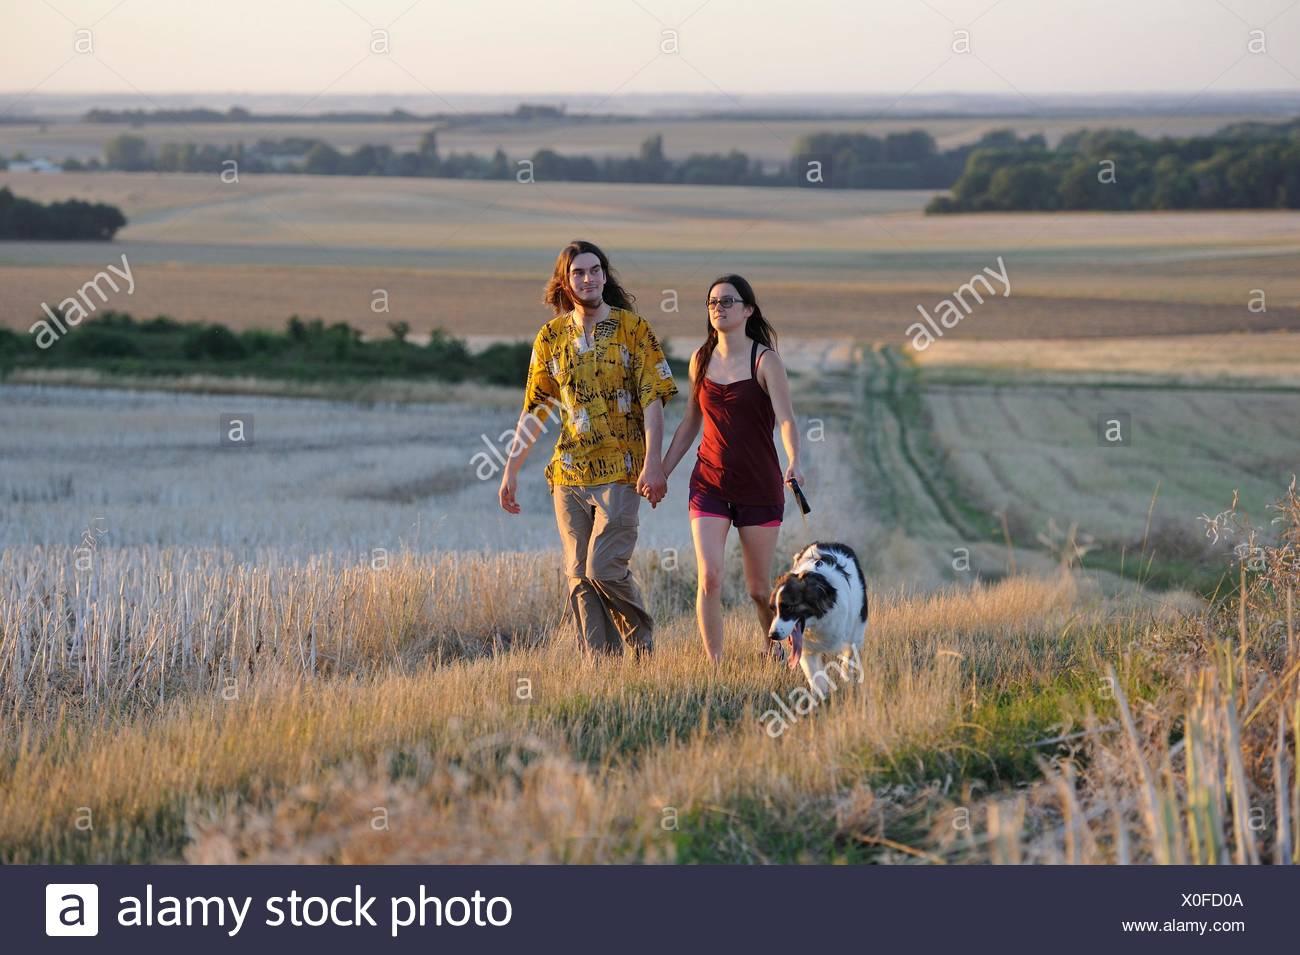 Paar der jungen Menschen zu Fuß mit einem Hund um Mittainville, Departement Yvelines, Region Ile-de-France, Frankreich, Europa. Stockbild